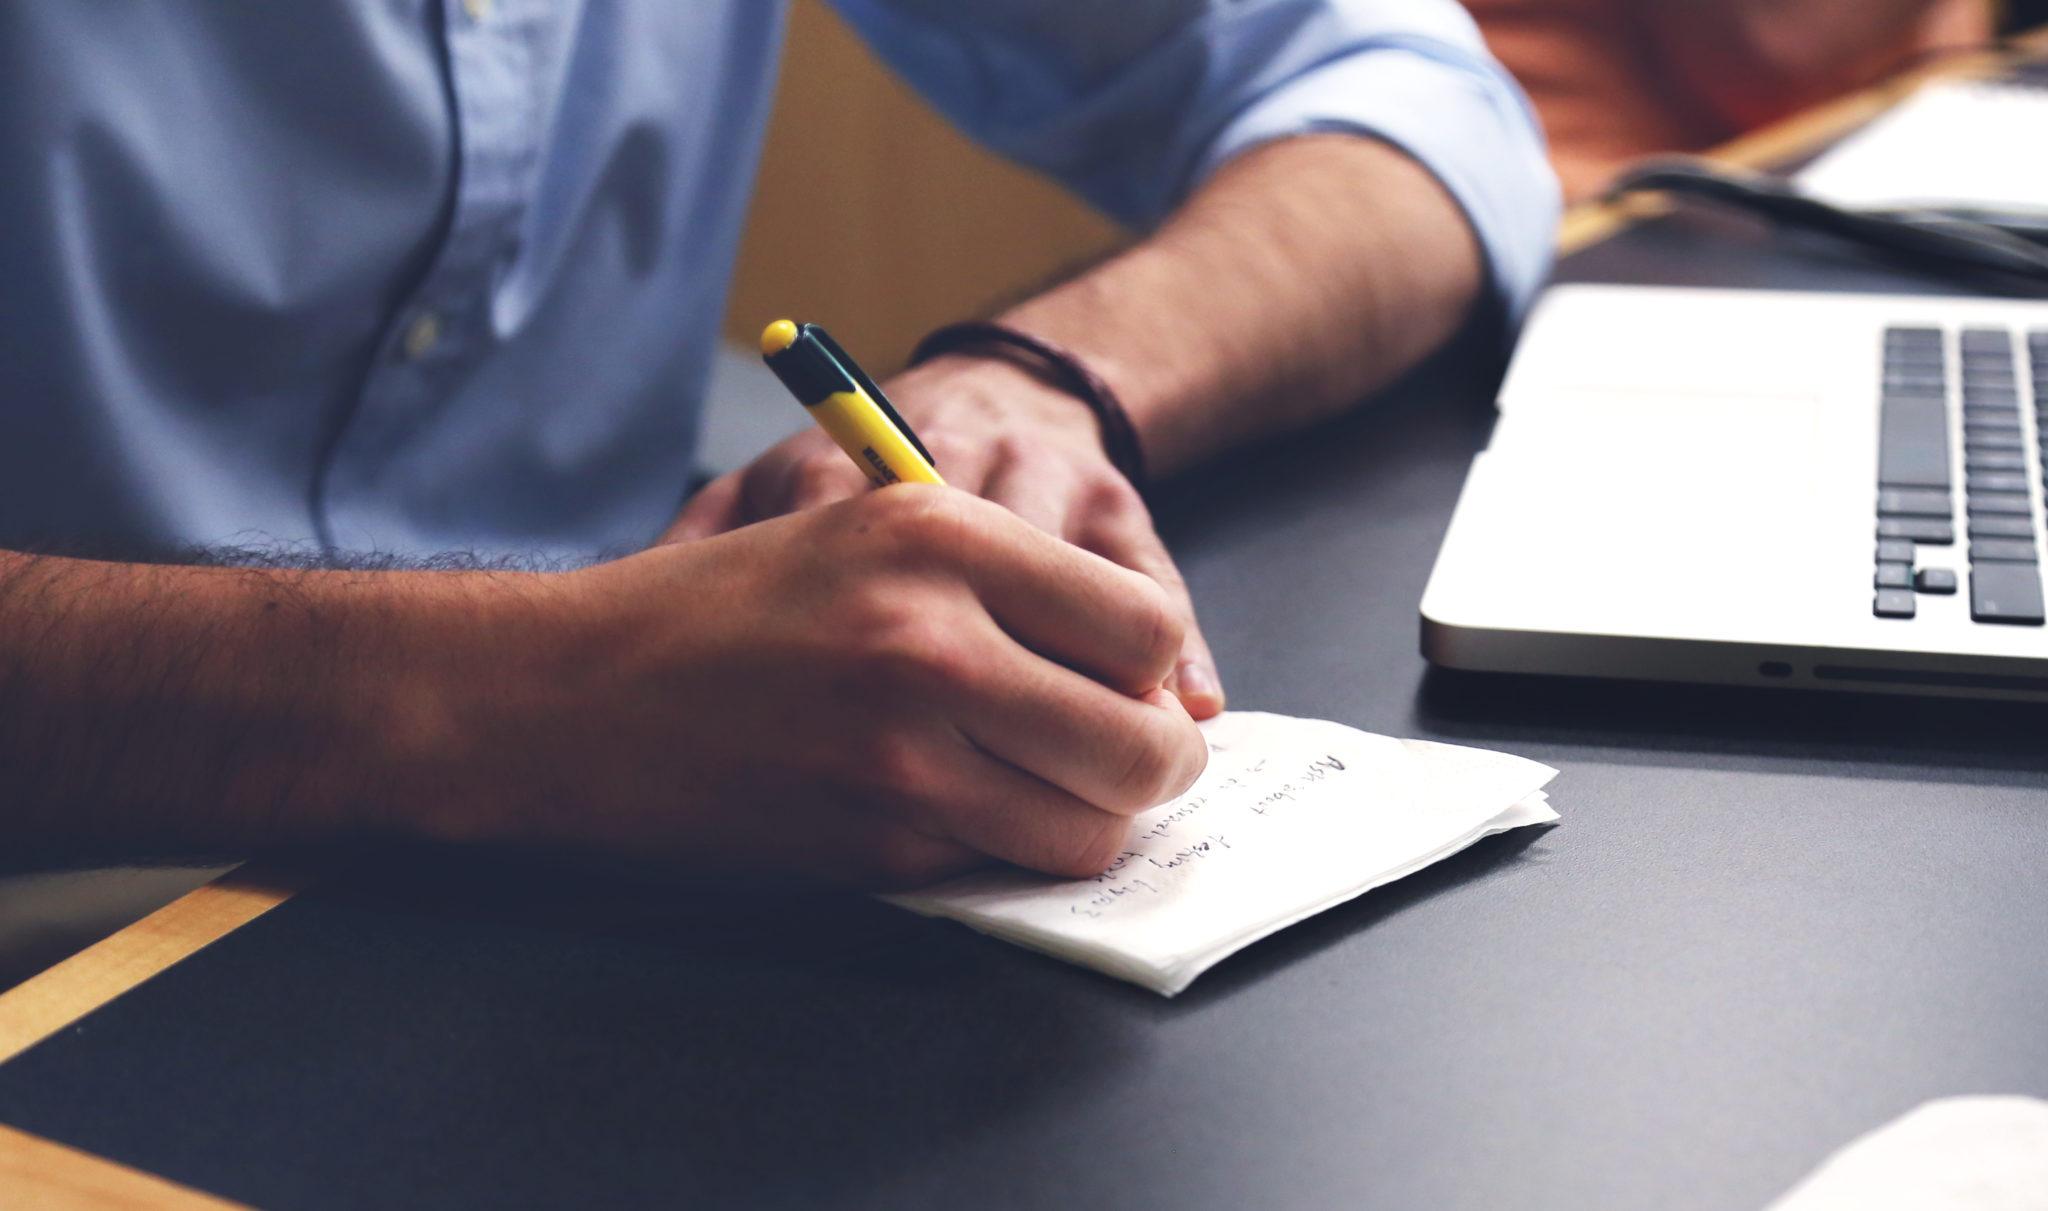 ستة أسباب لماذا الإمتحان التجريبي مهم